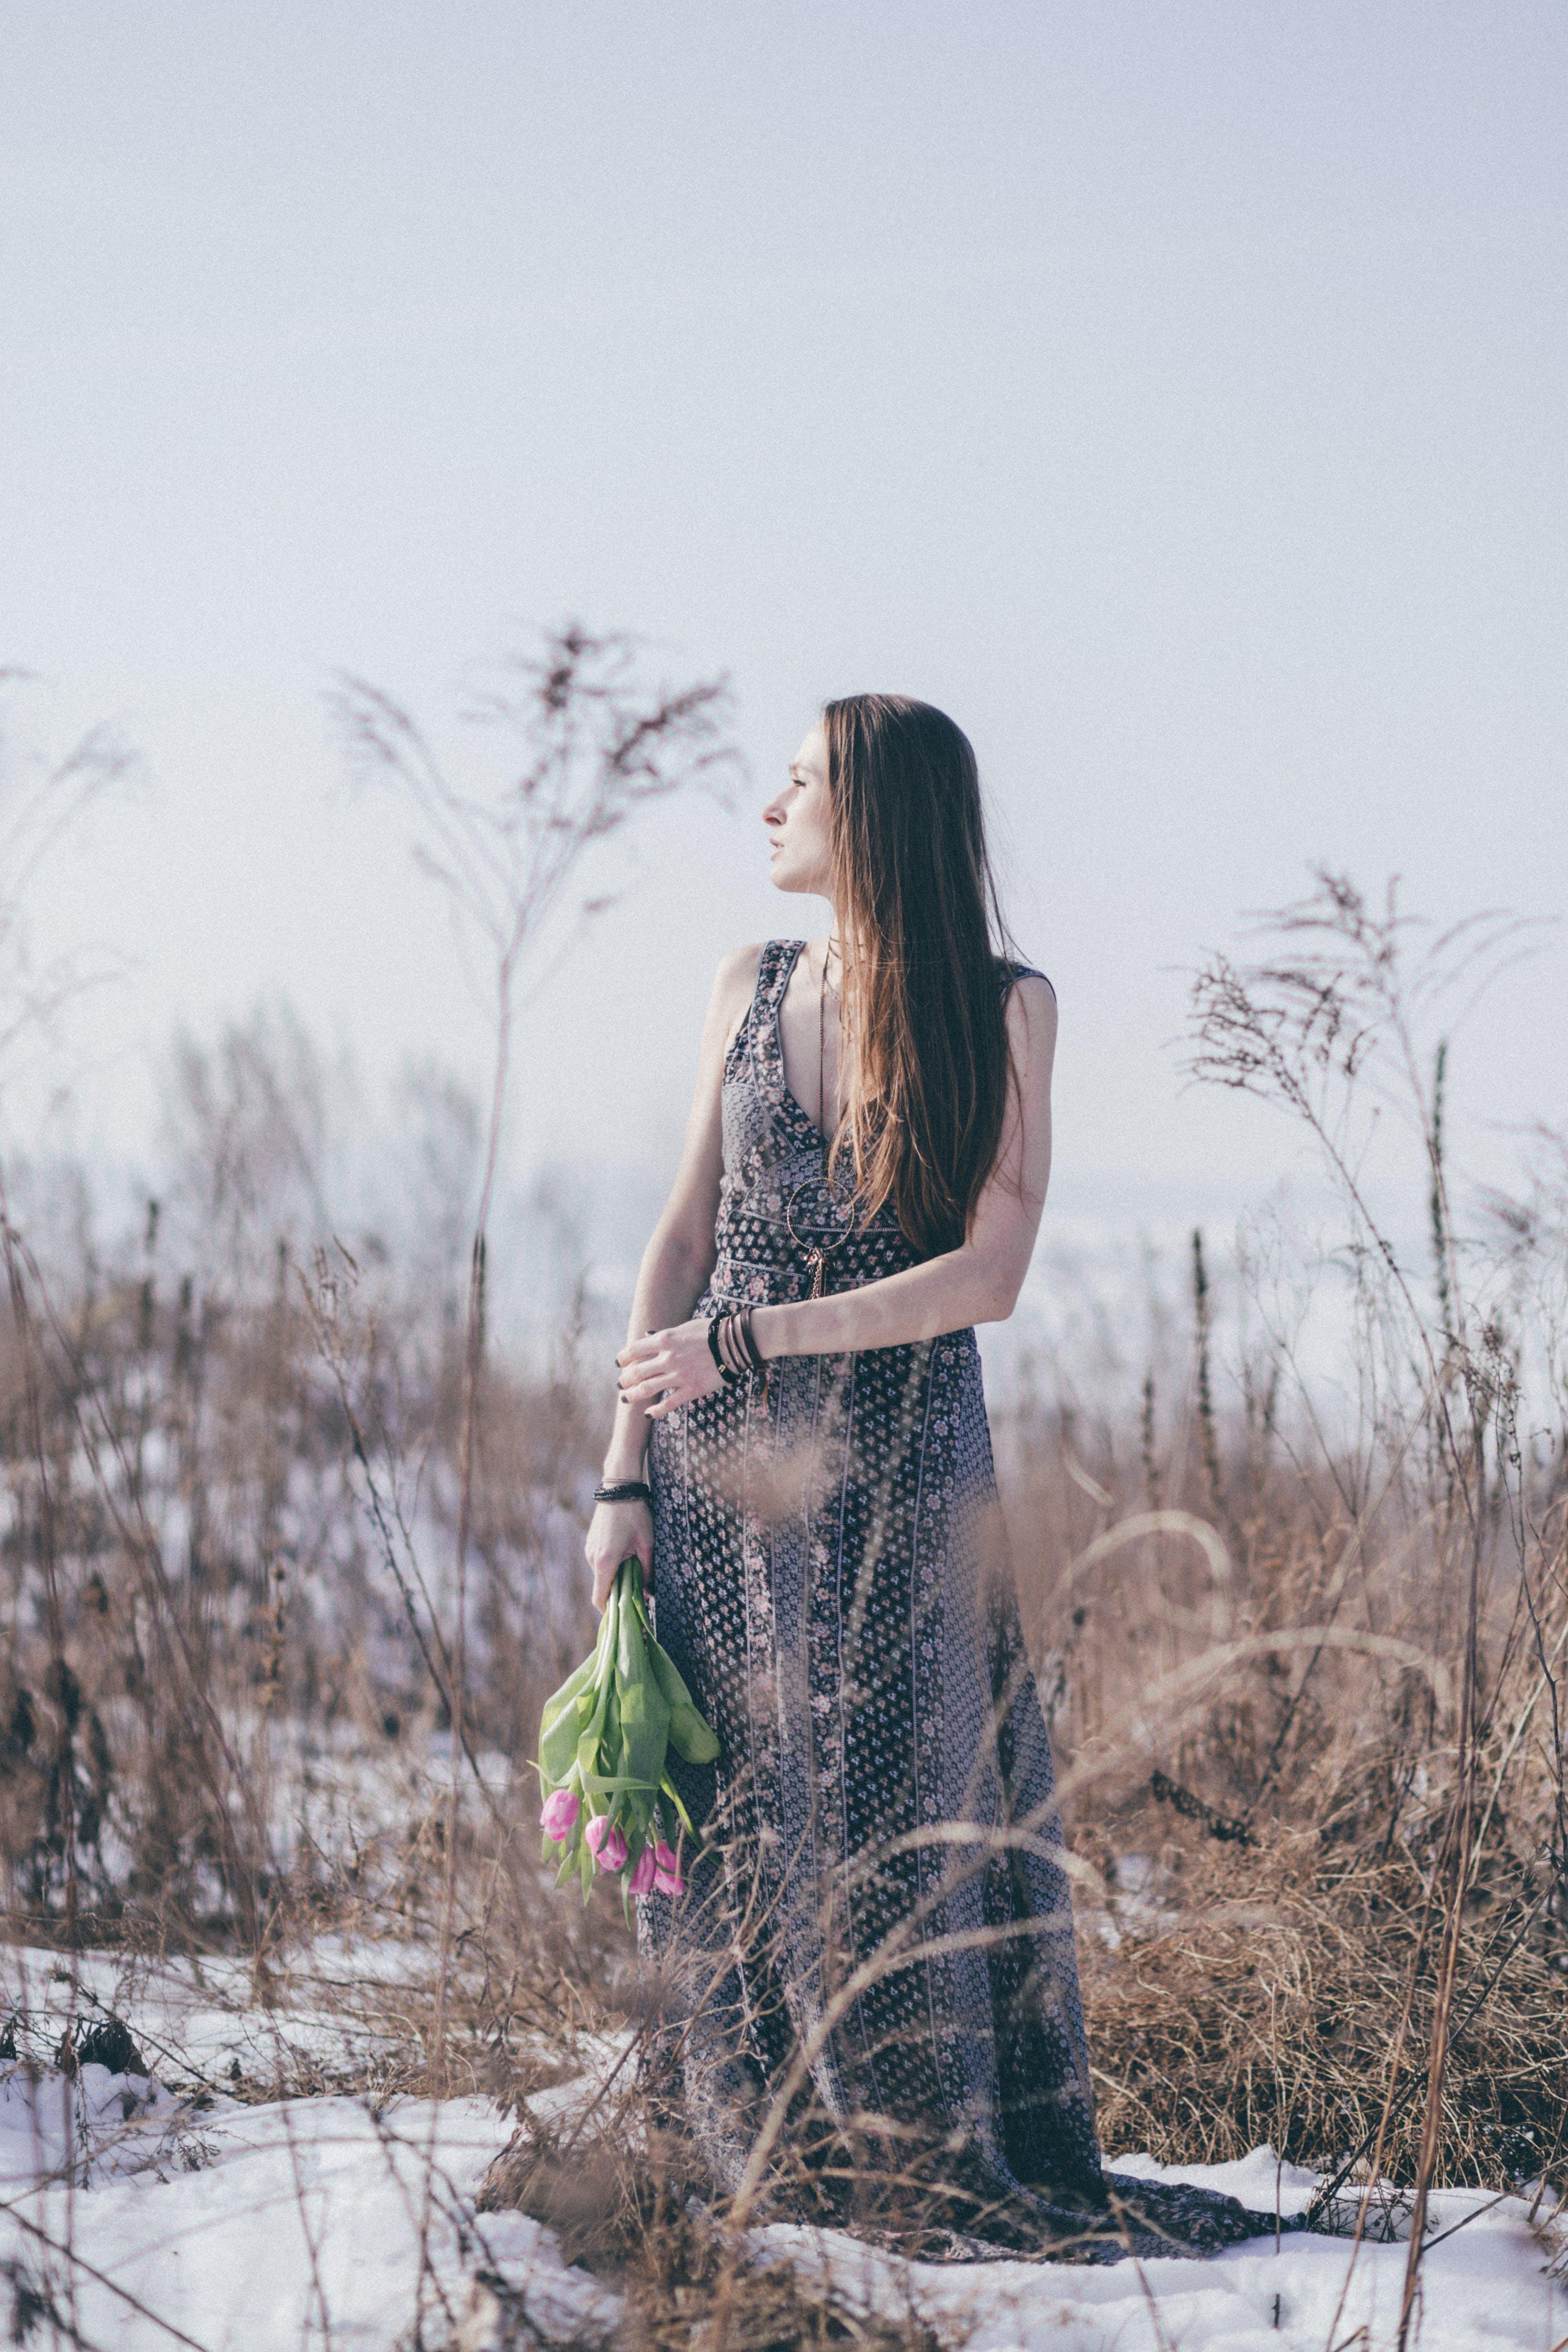 Woman Looking at Tree